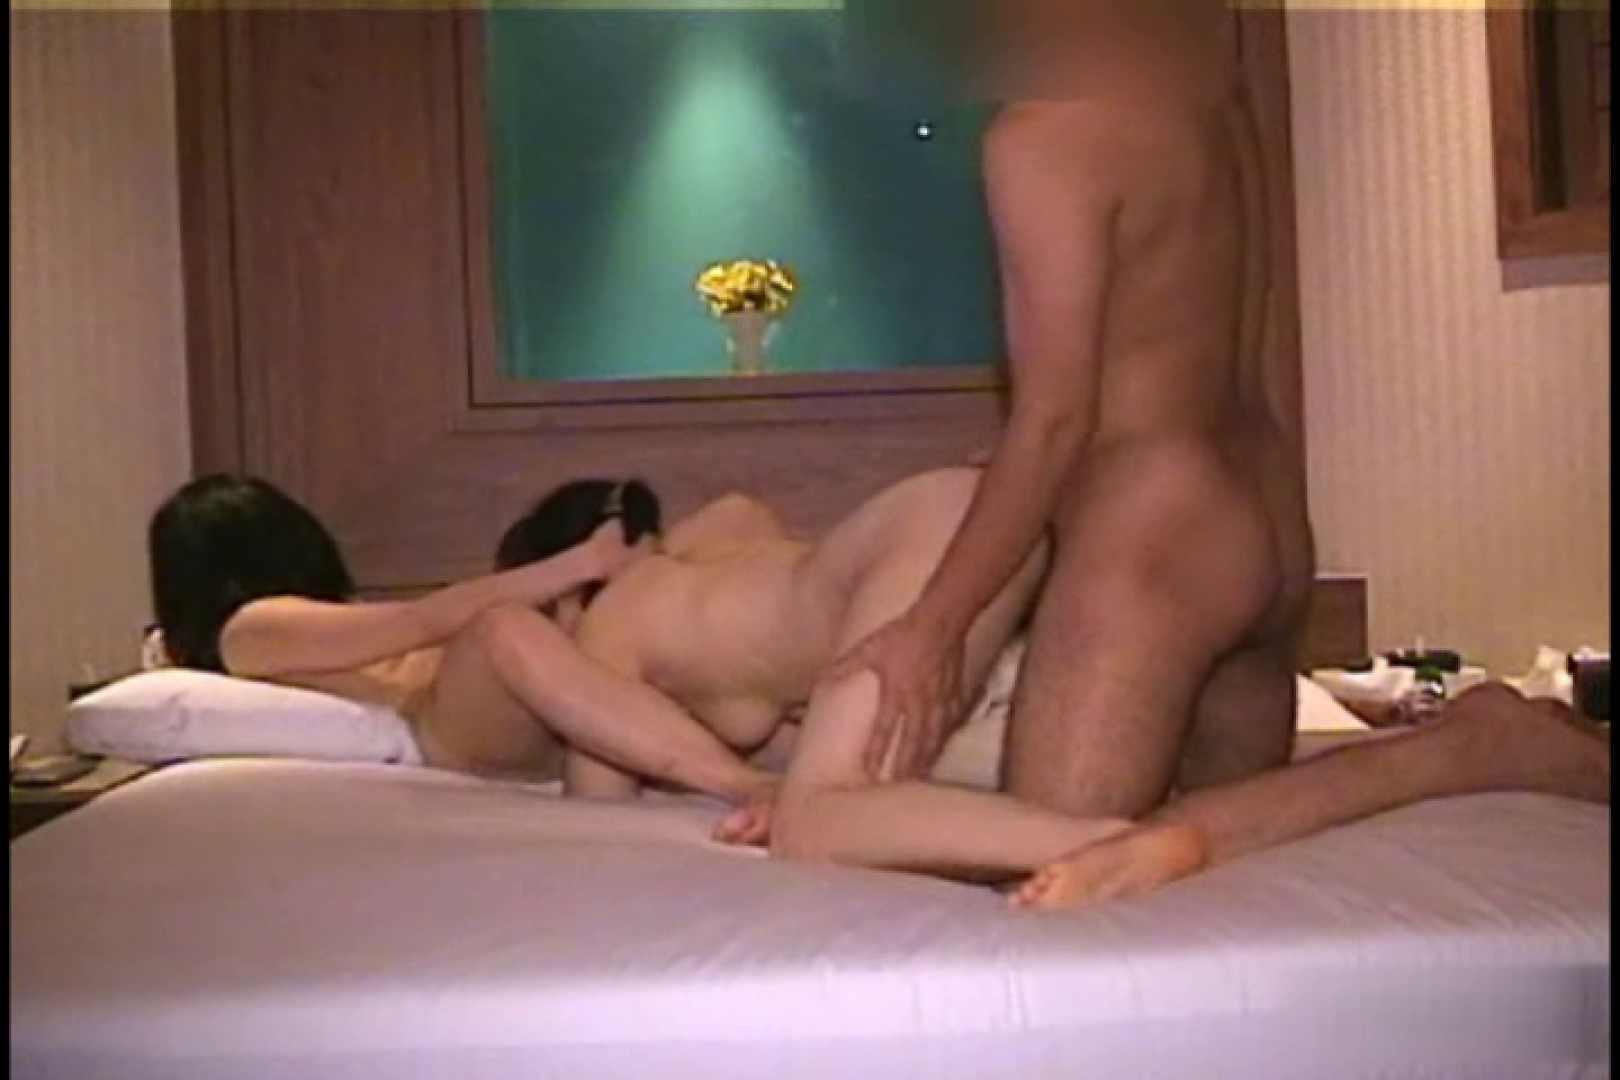 コリアン素人流出シリーズ お友達で3P撮影プレイ セックス  112pic 46